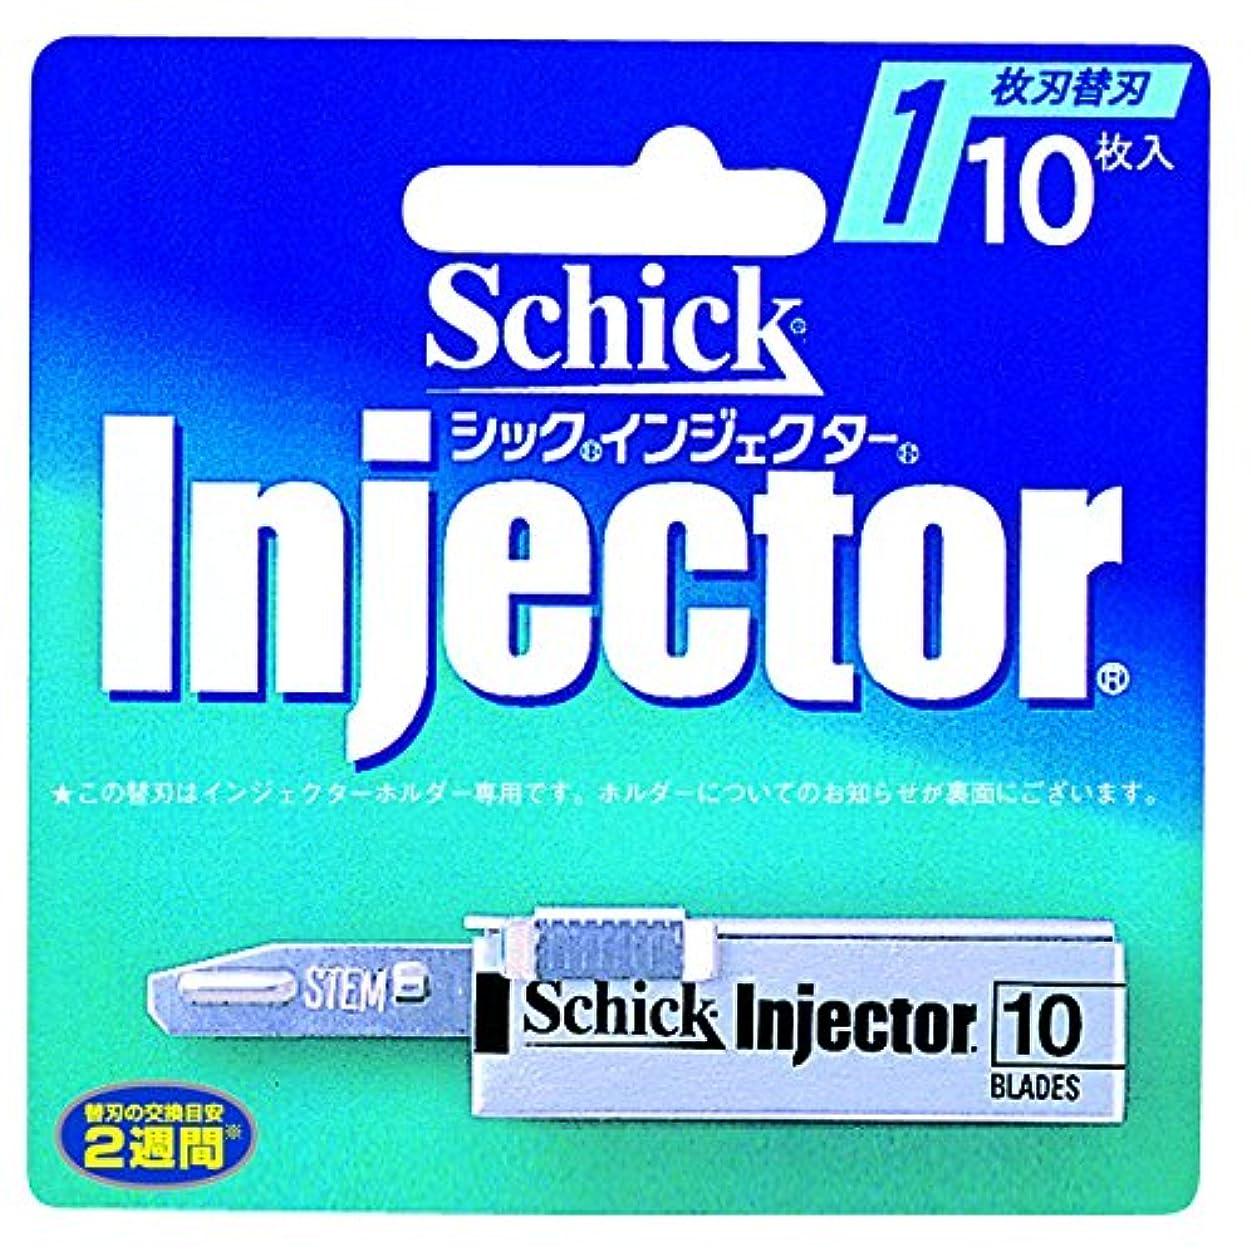 驚いた実際に批判的シック インジェクター替刃(10枚入り)